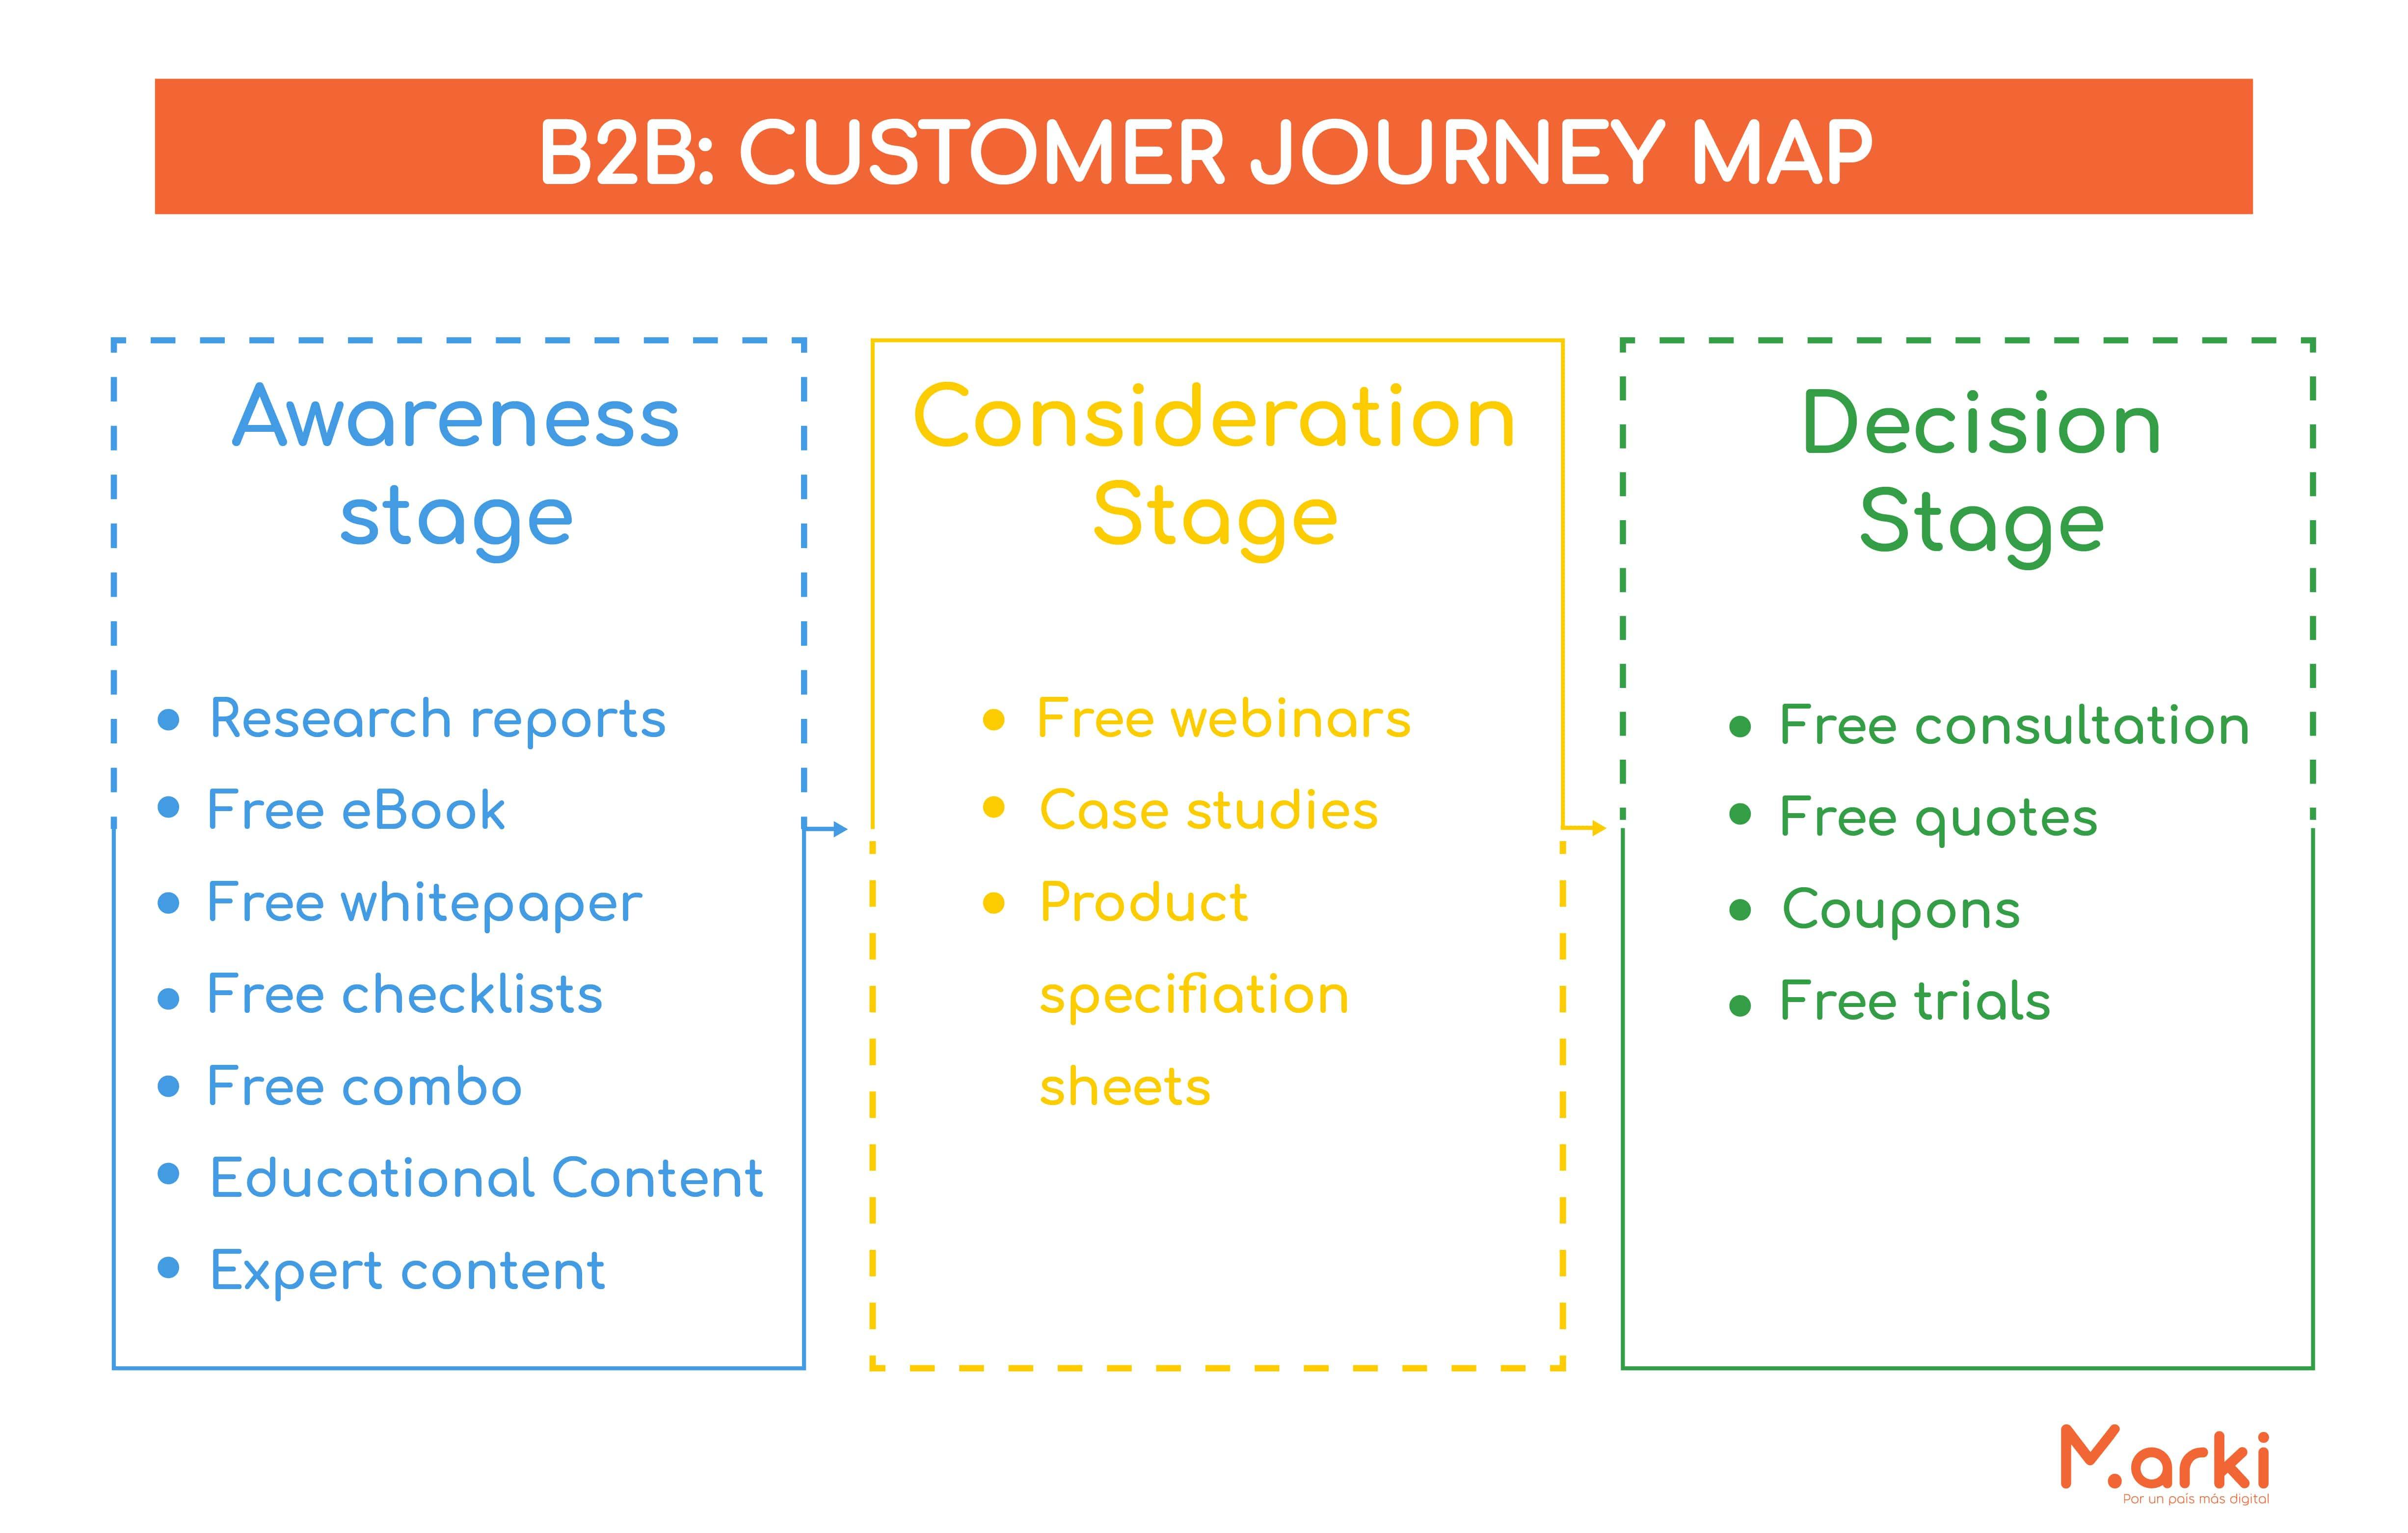 customer journey map b2b como hacer customer journey customer journey plantilla customer journey b2b como hacer un customer journey map ejemplo que significa customer journey voluntarios universitarios voluntariado peru voluntariado online voluntariado marki